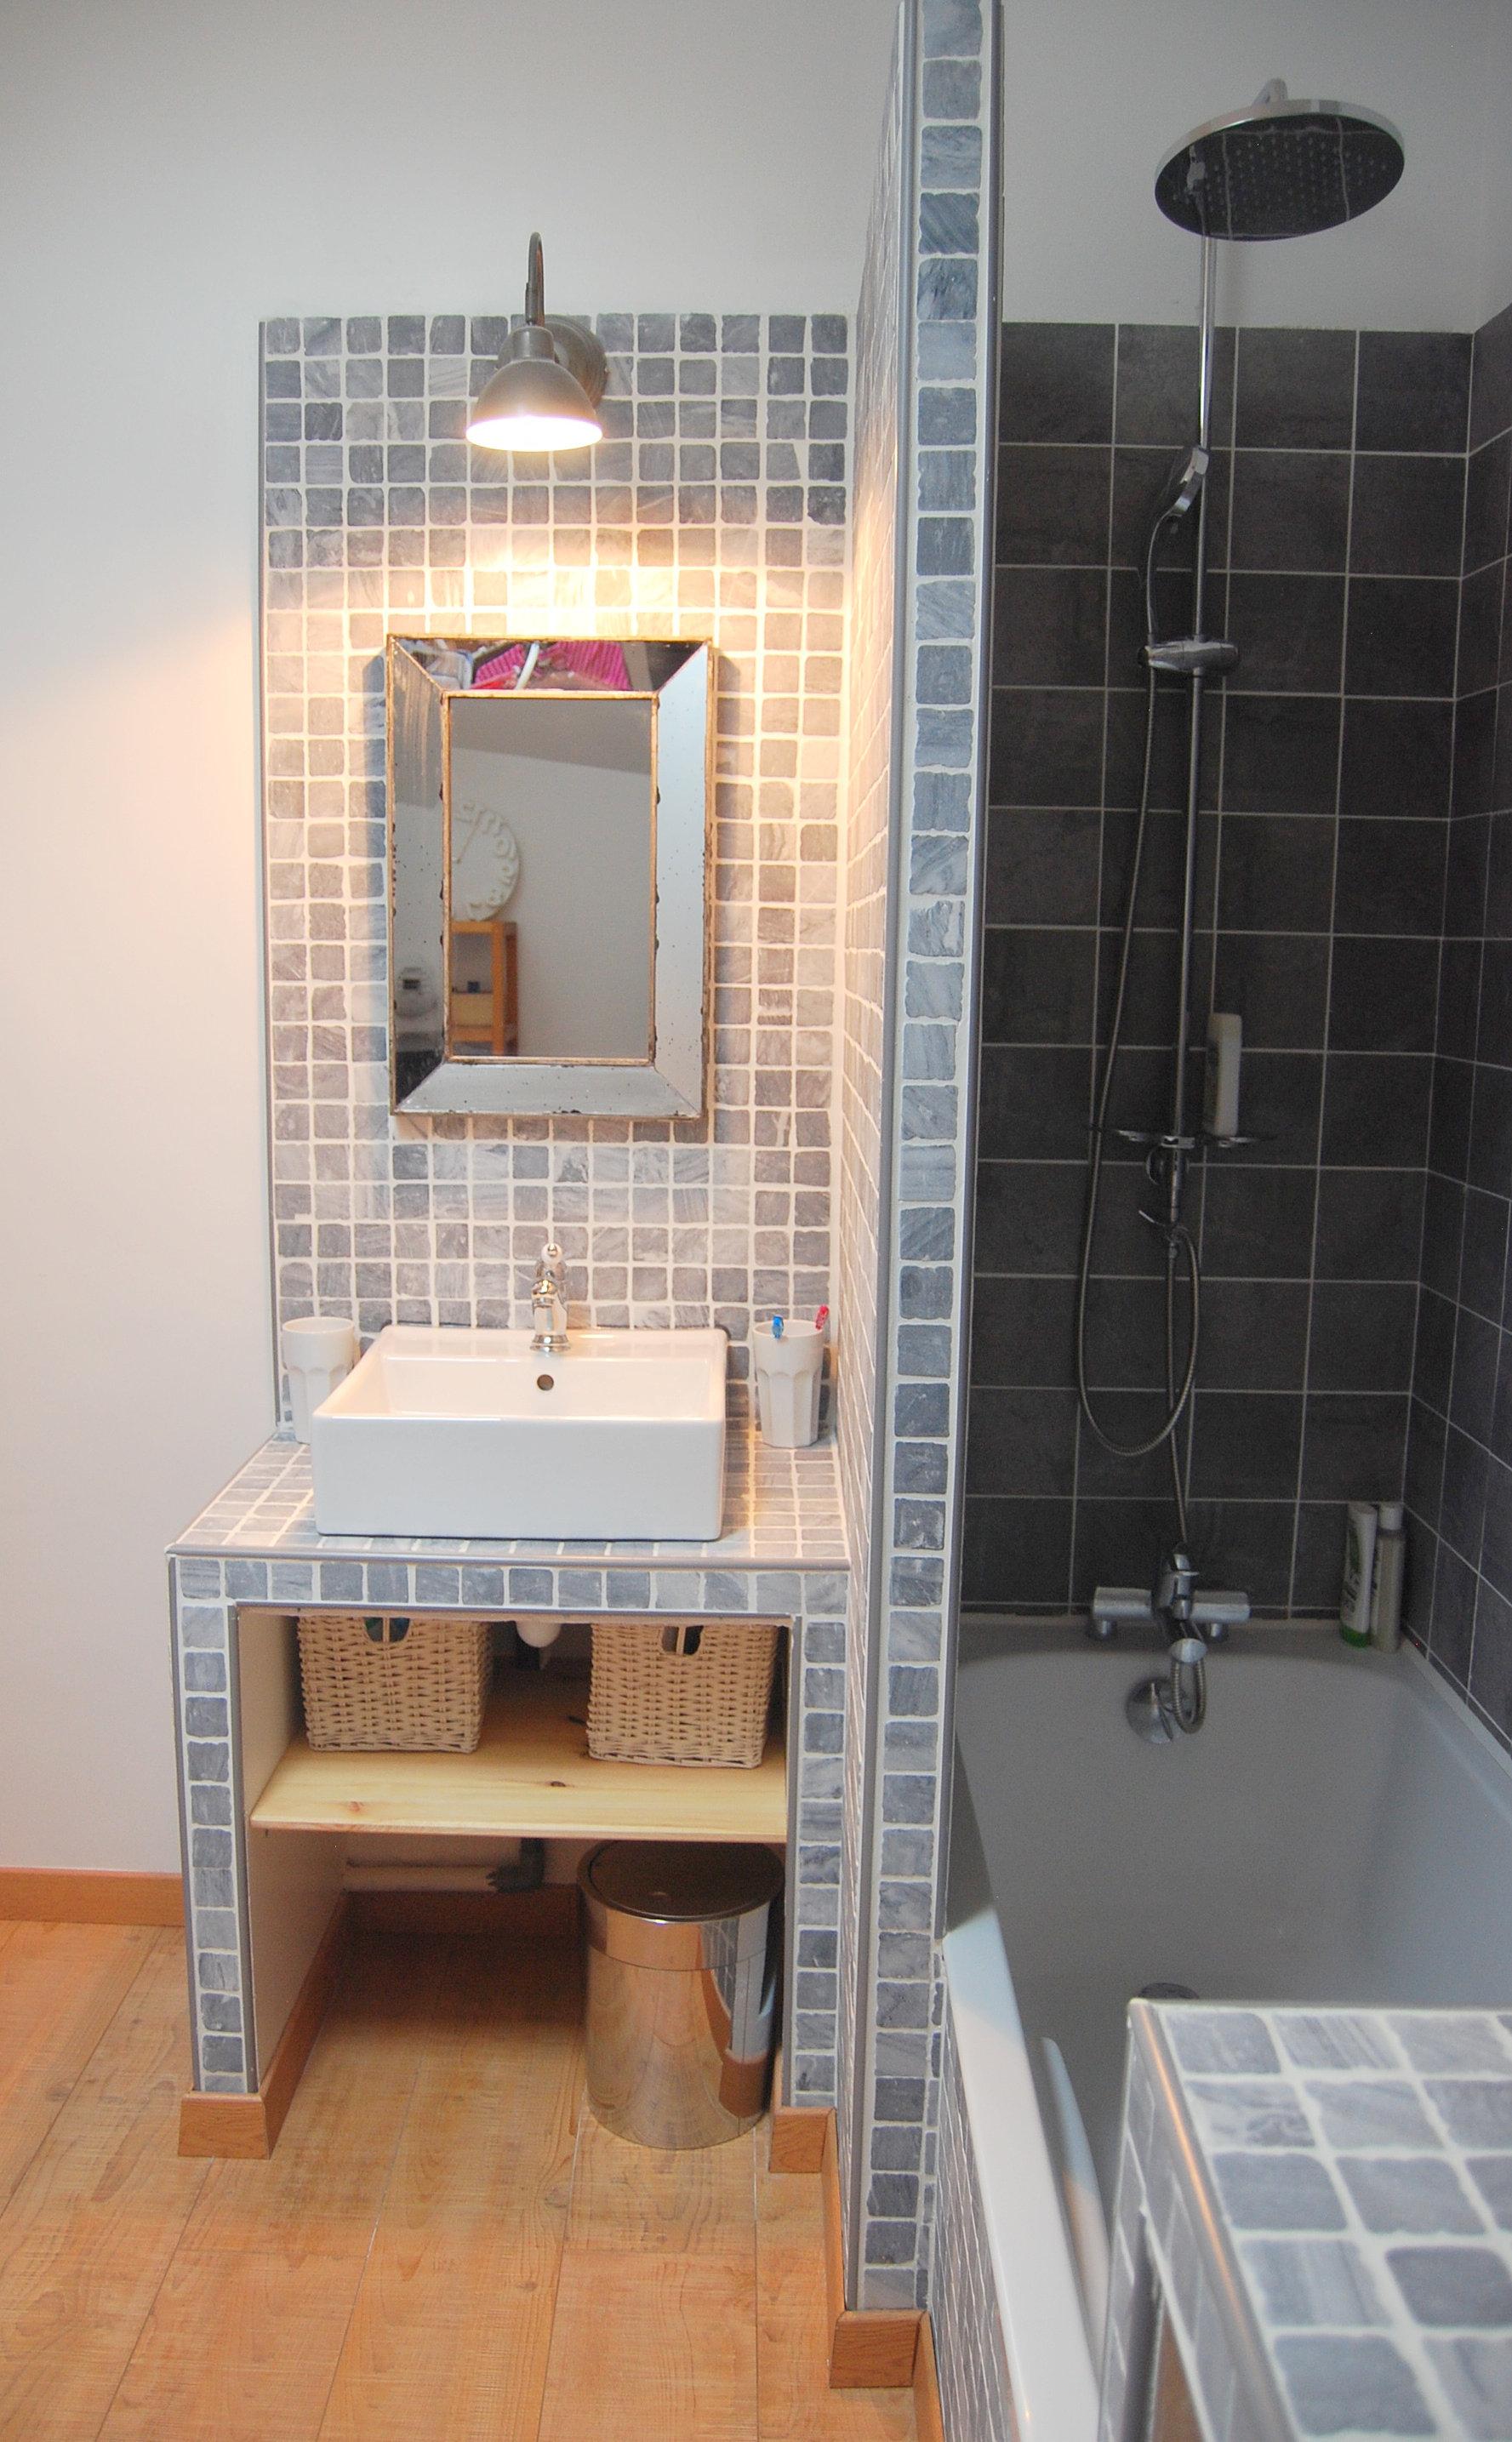 BÔ M. Salles de bain architecte intérieur